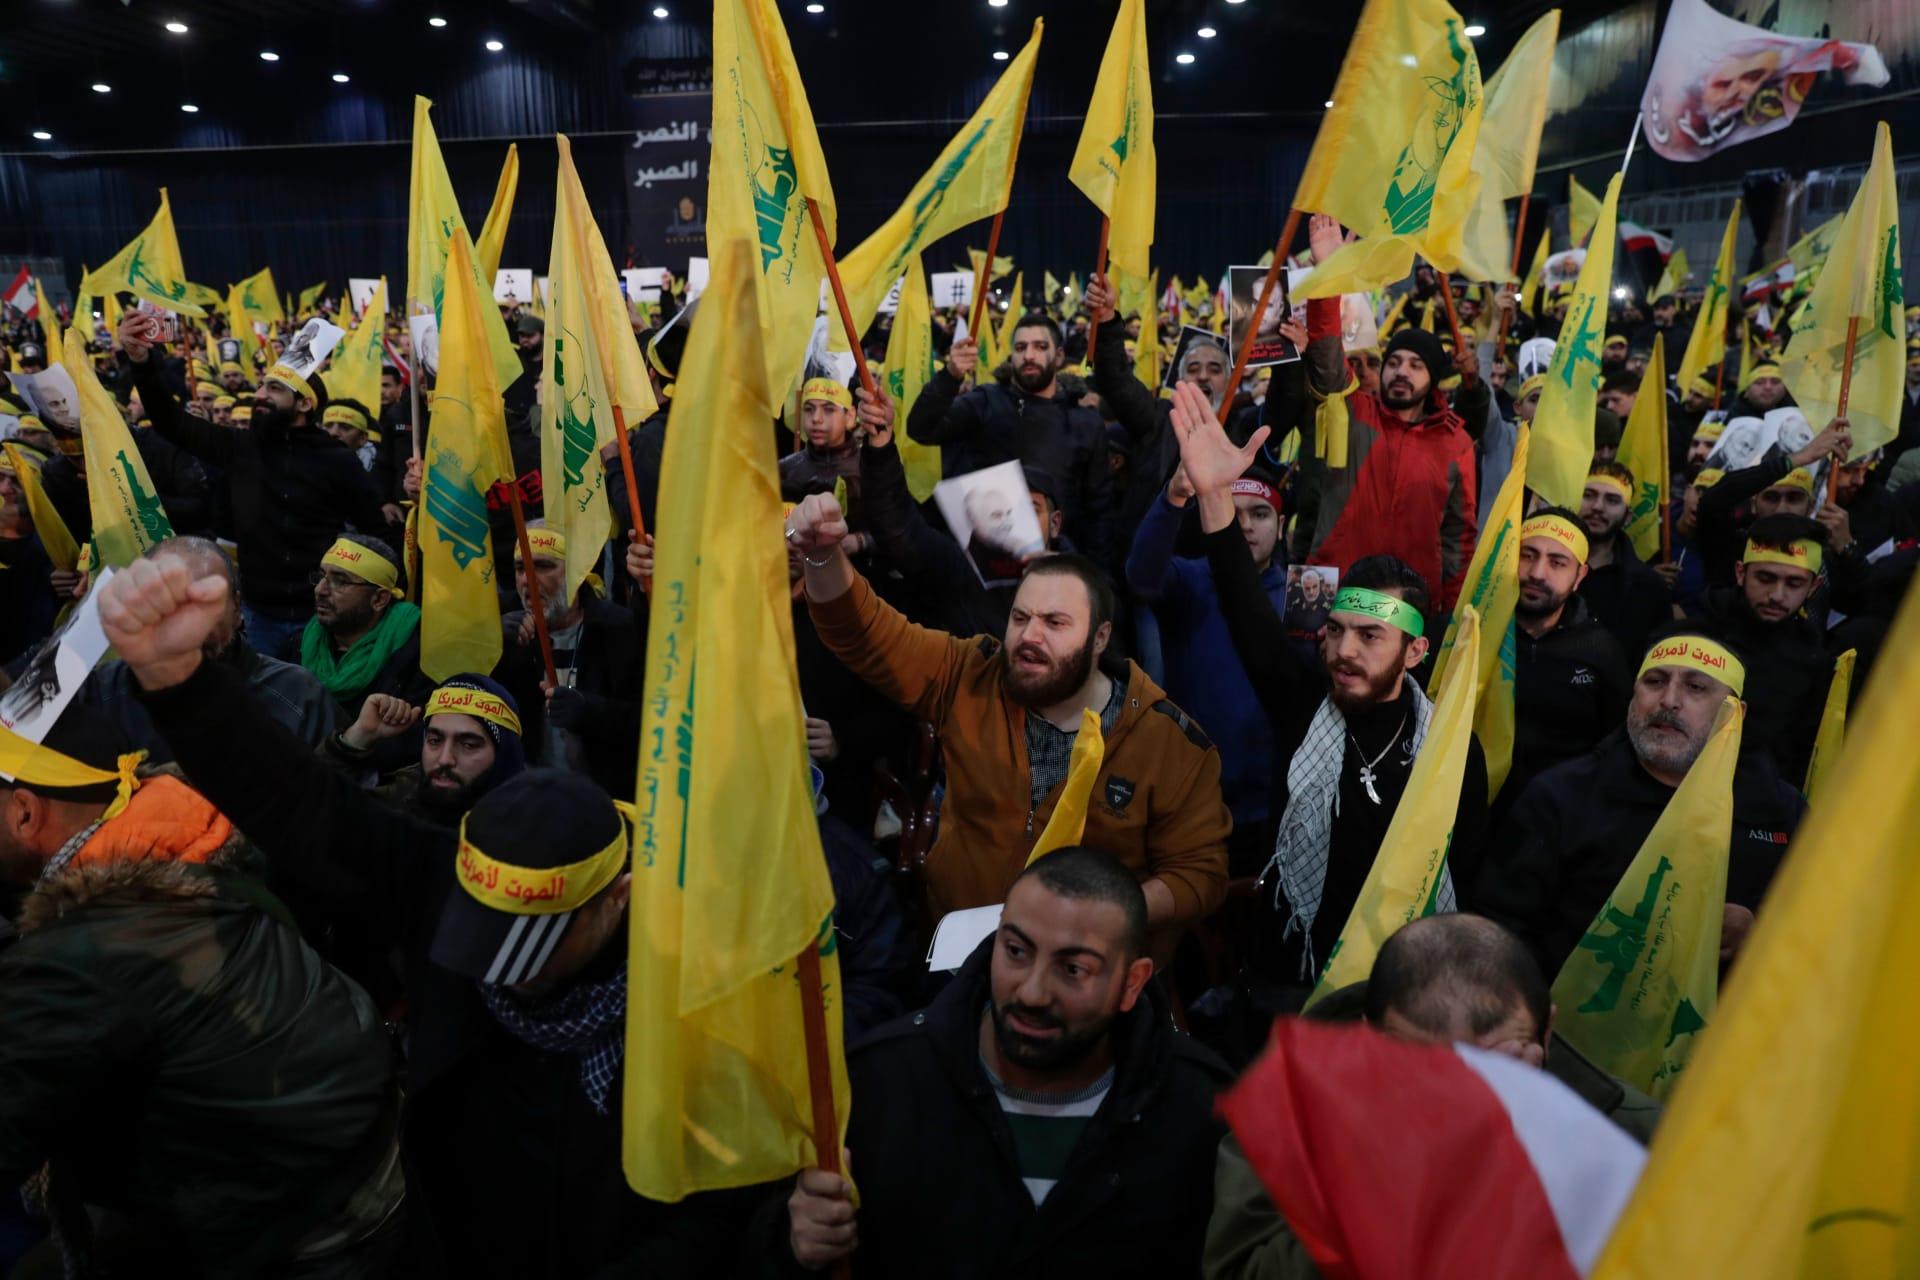 عدد من أنصار حزب الله اللبناني أثناء كلمة لحسن نصر الله في بيروت